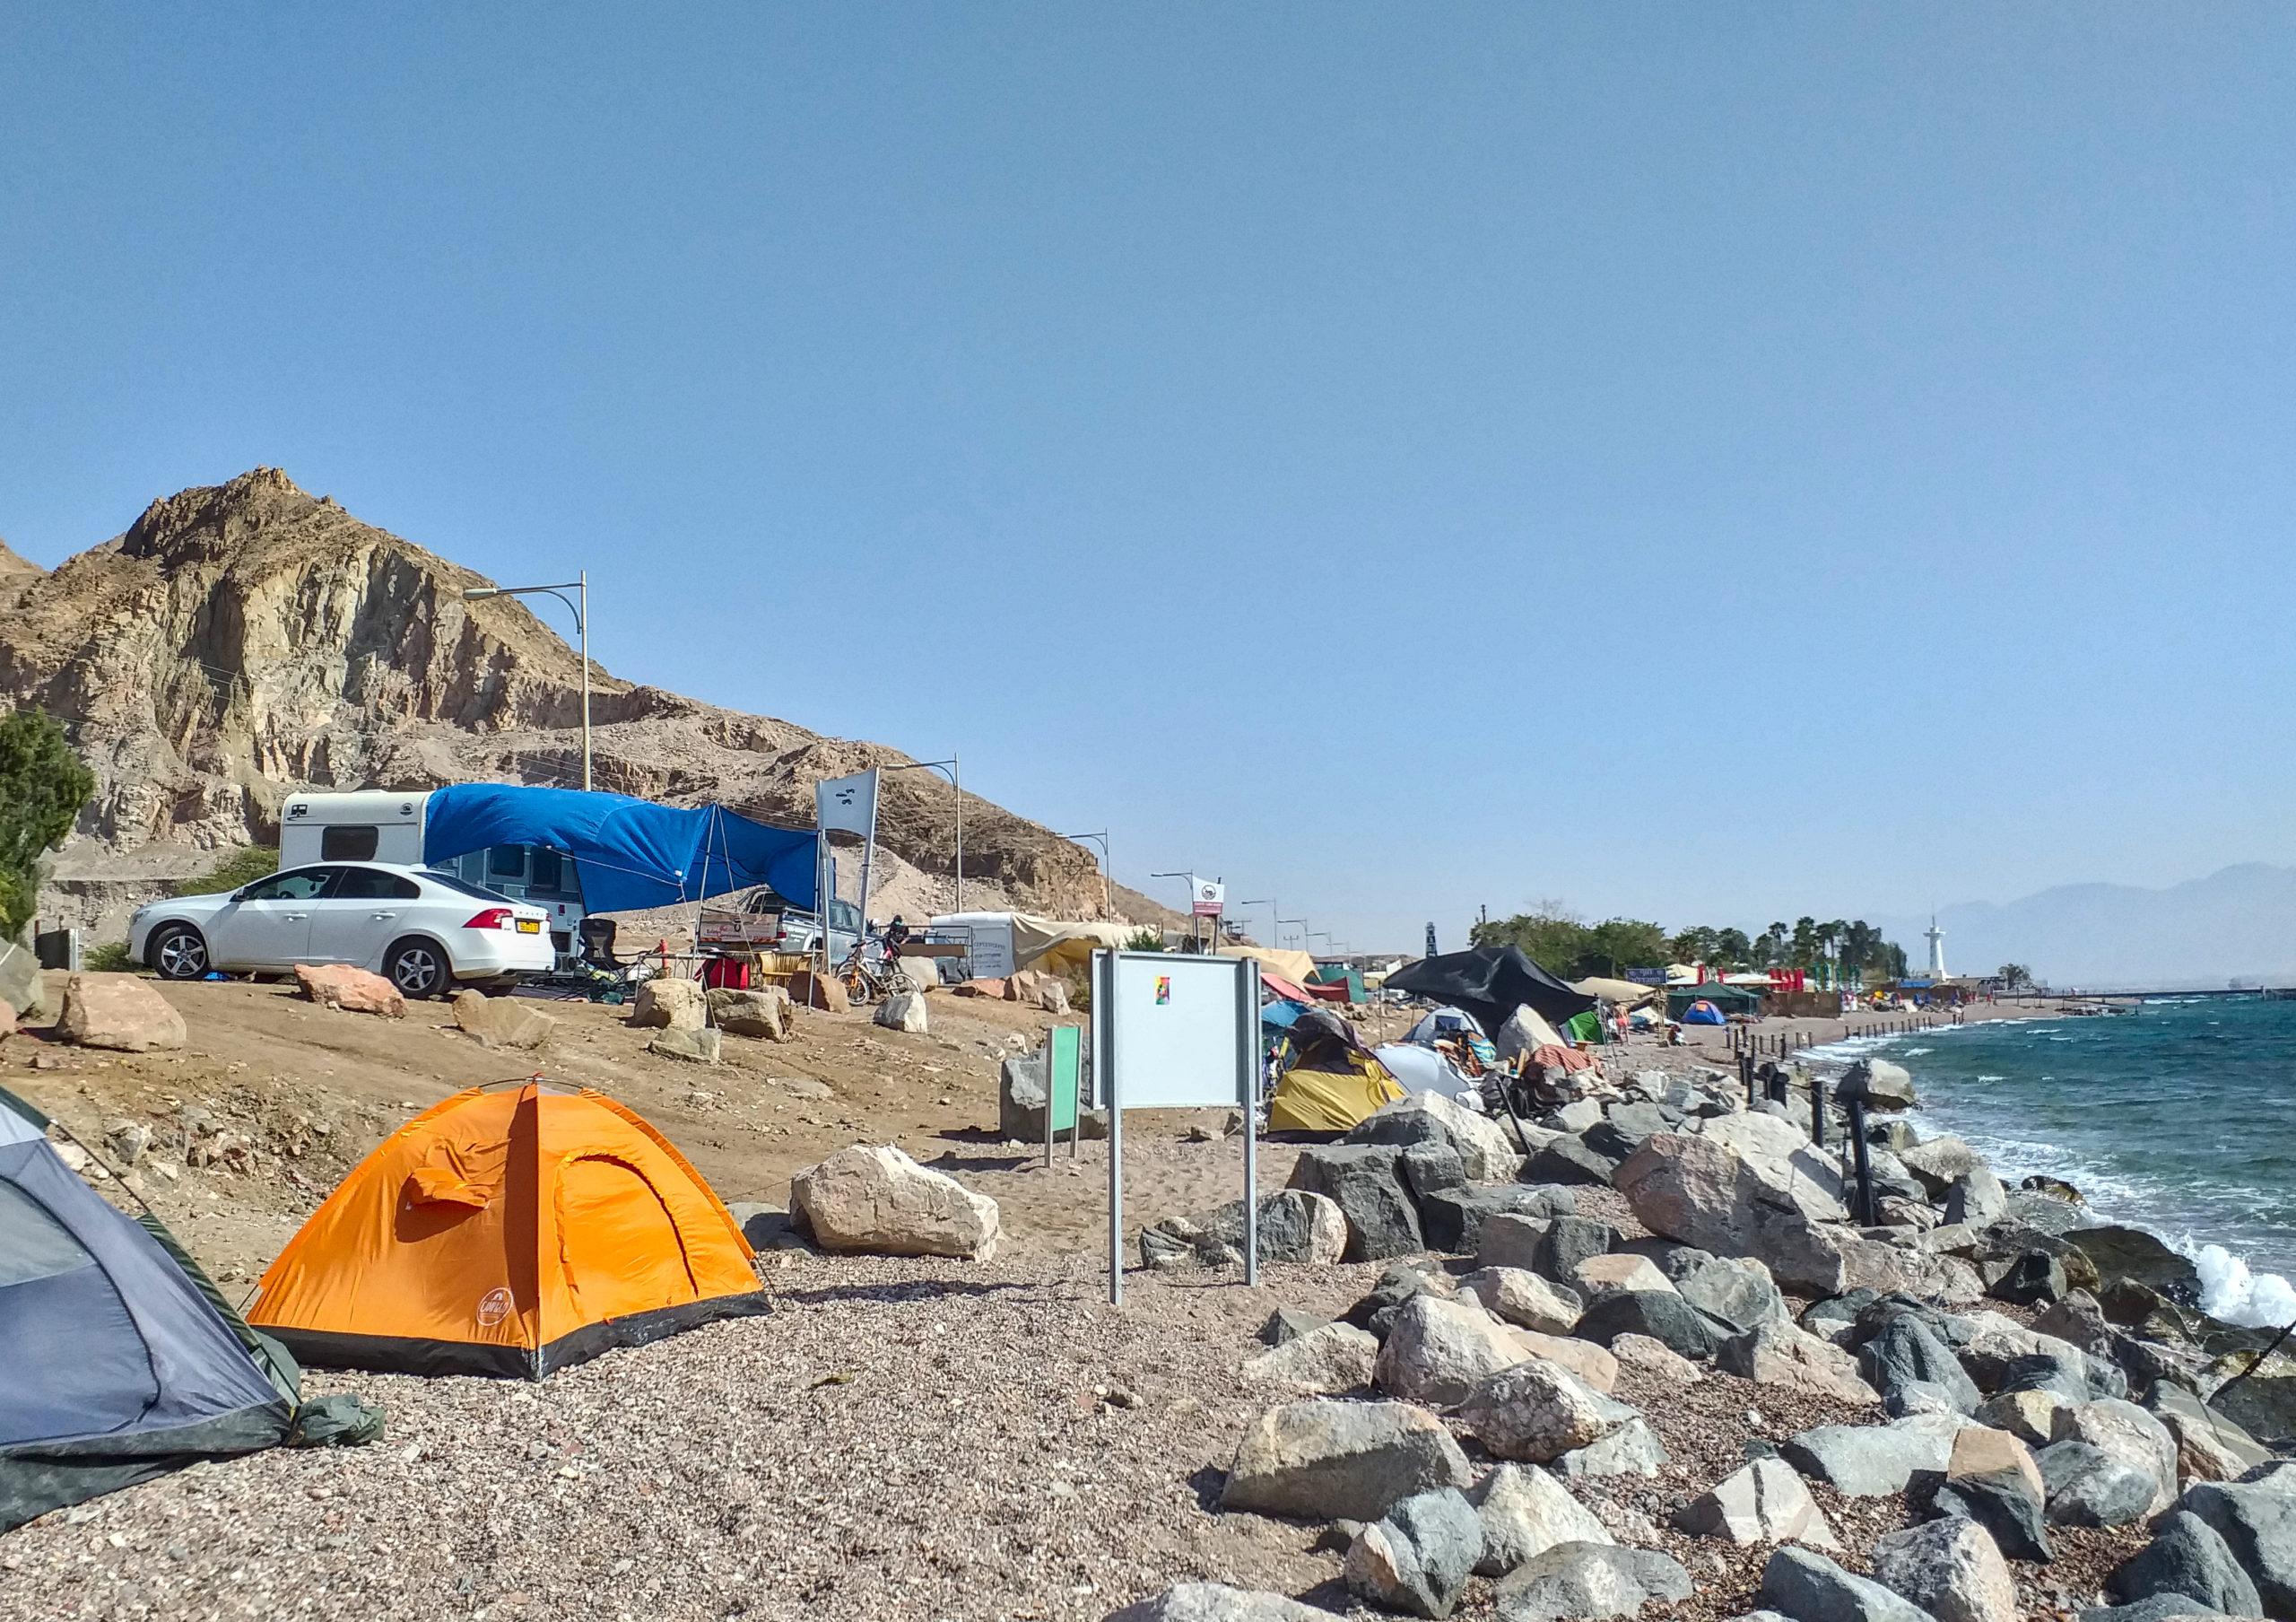 izrael-plaża-ejlat